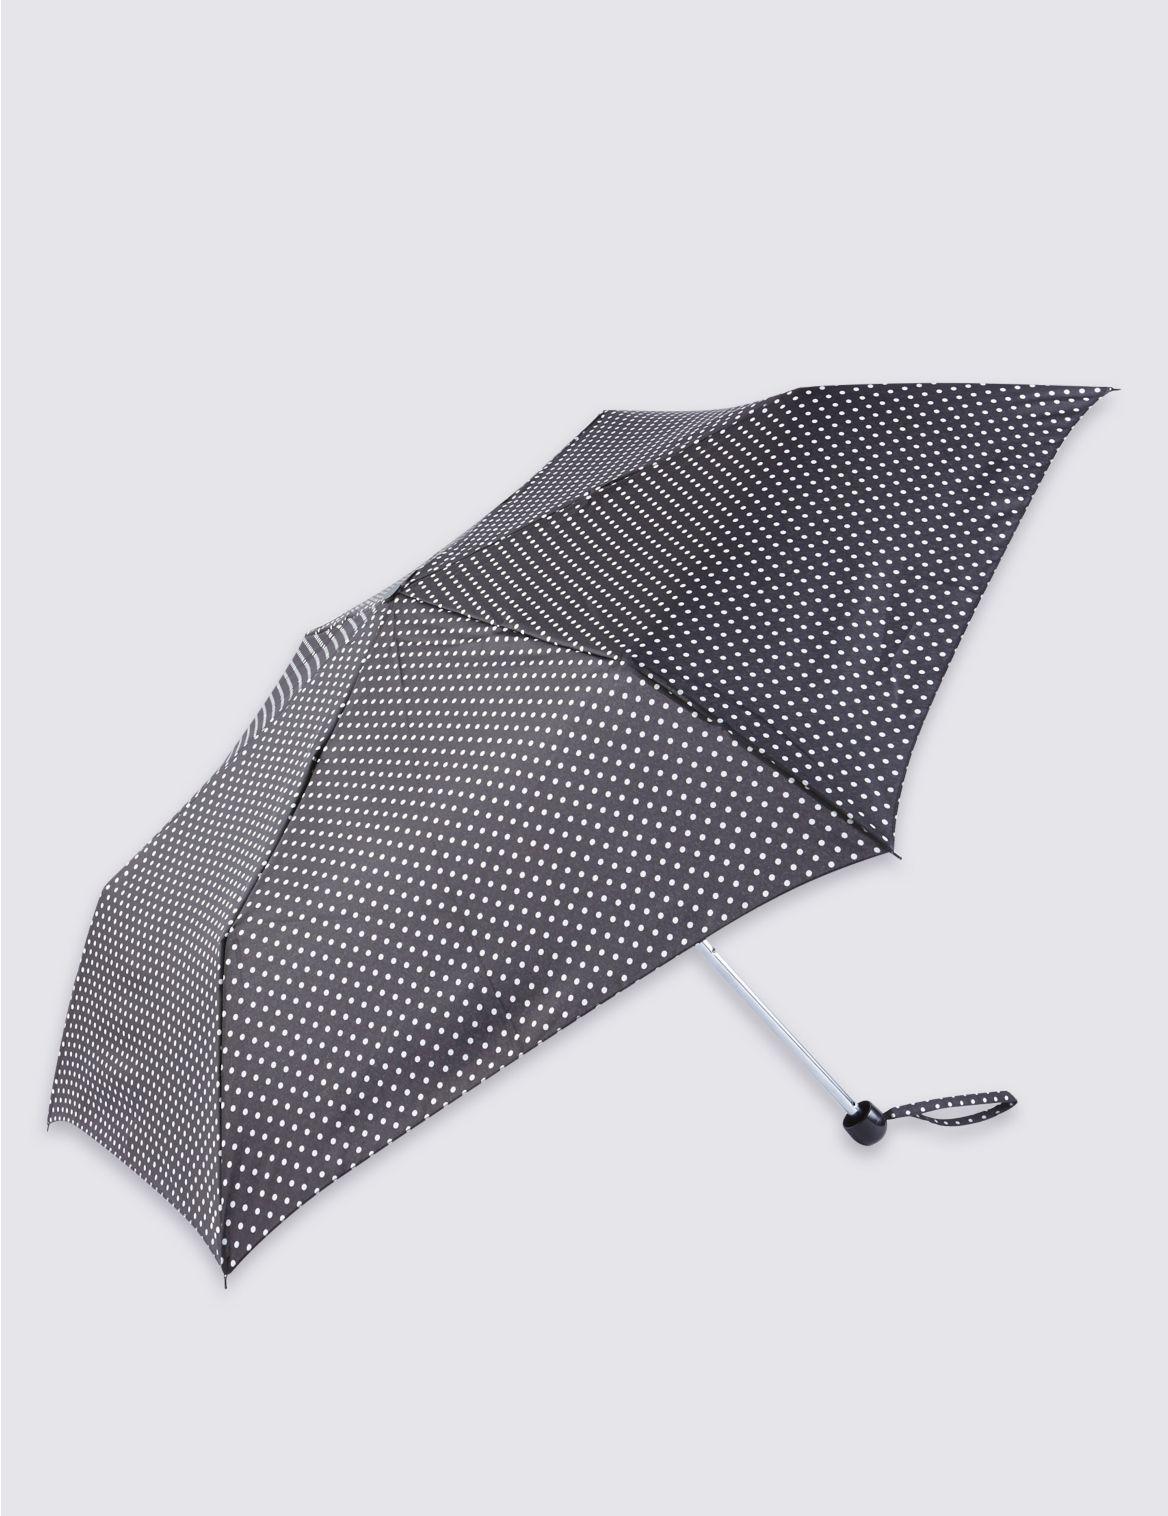 Parapluie compact à petit imprimé pois, doté de la technologie Stormwear™